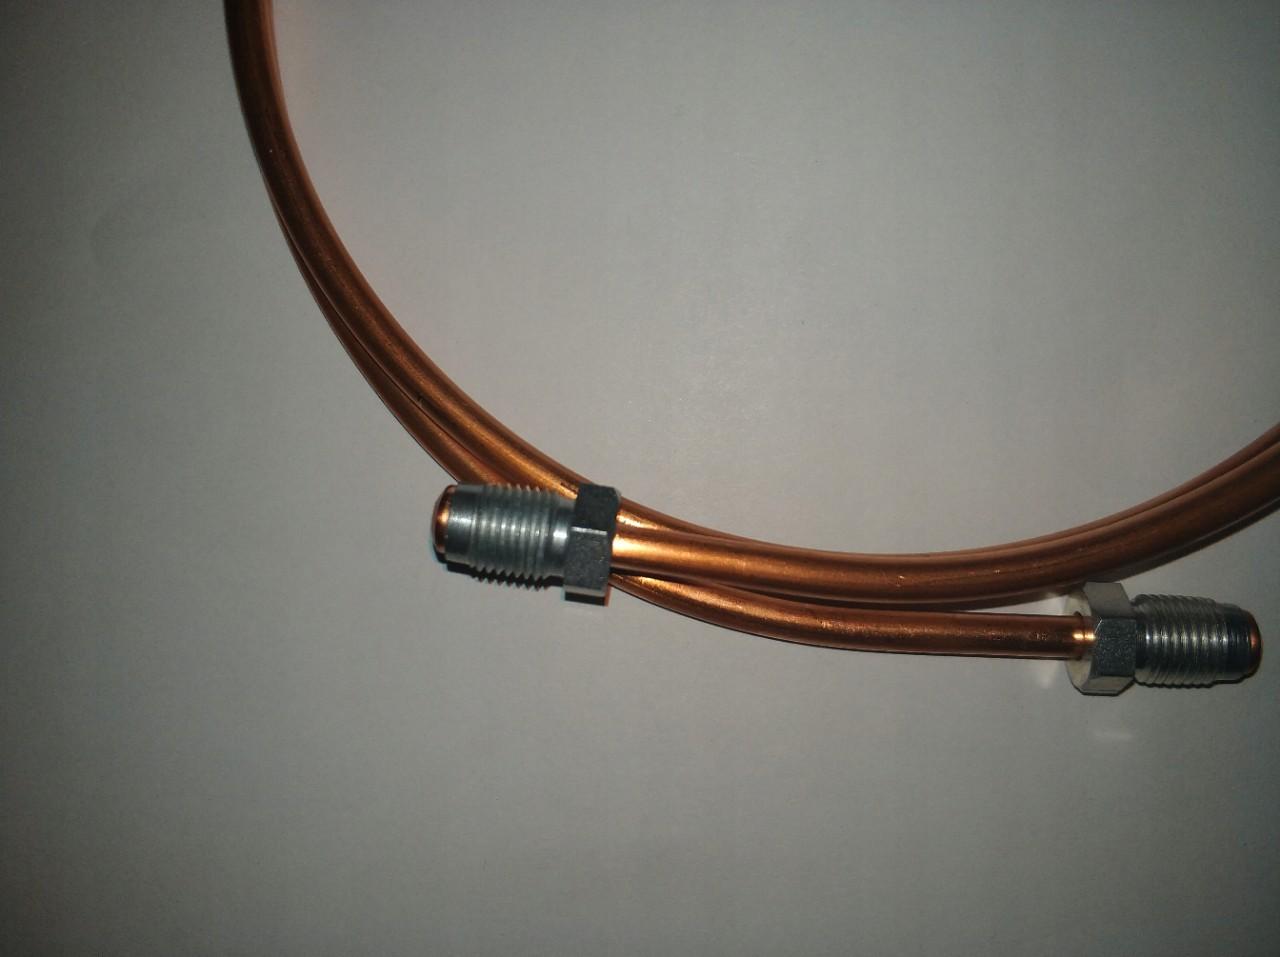 100szt Końcówka złączka przewodu hamulcowego M10x1